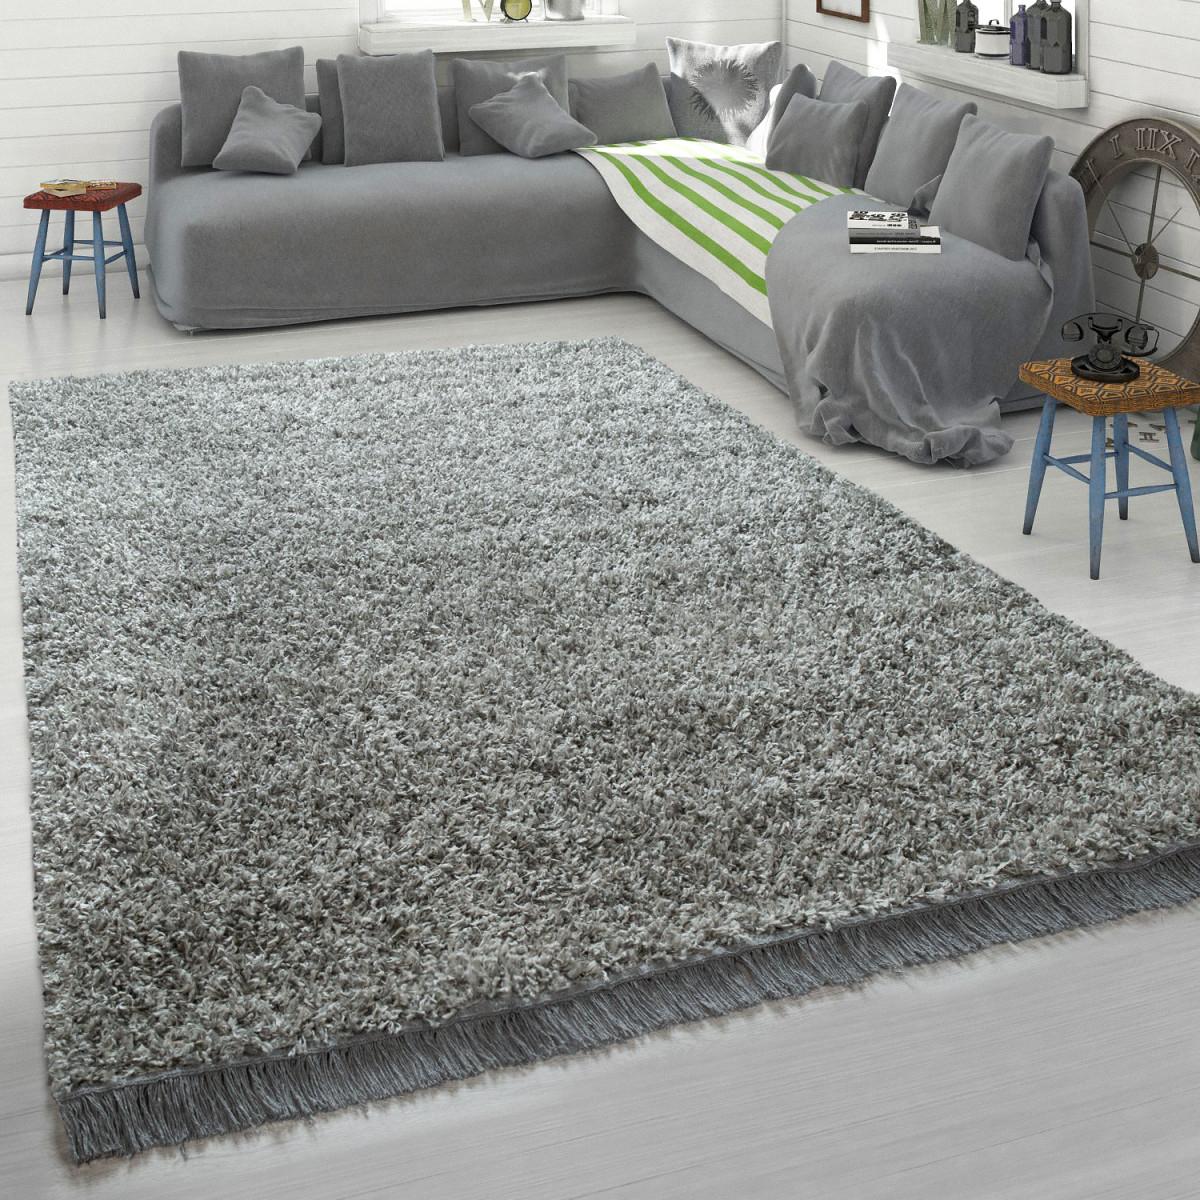 Grauer Teppich Wohnzimmer Hochflor Shaggy Weich Robust Strapazierfähig  Kuschelig Grösse80X150 Cm von Grauer Wohnzimmer Teppich Bild